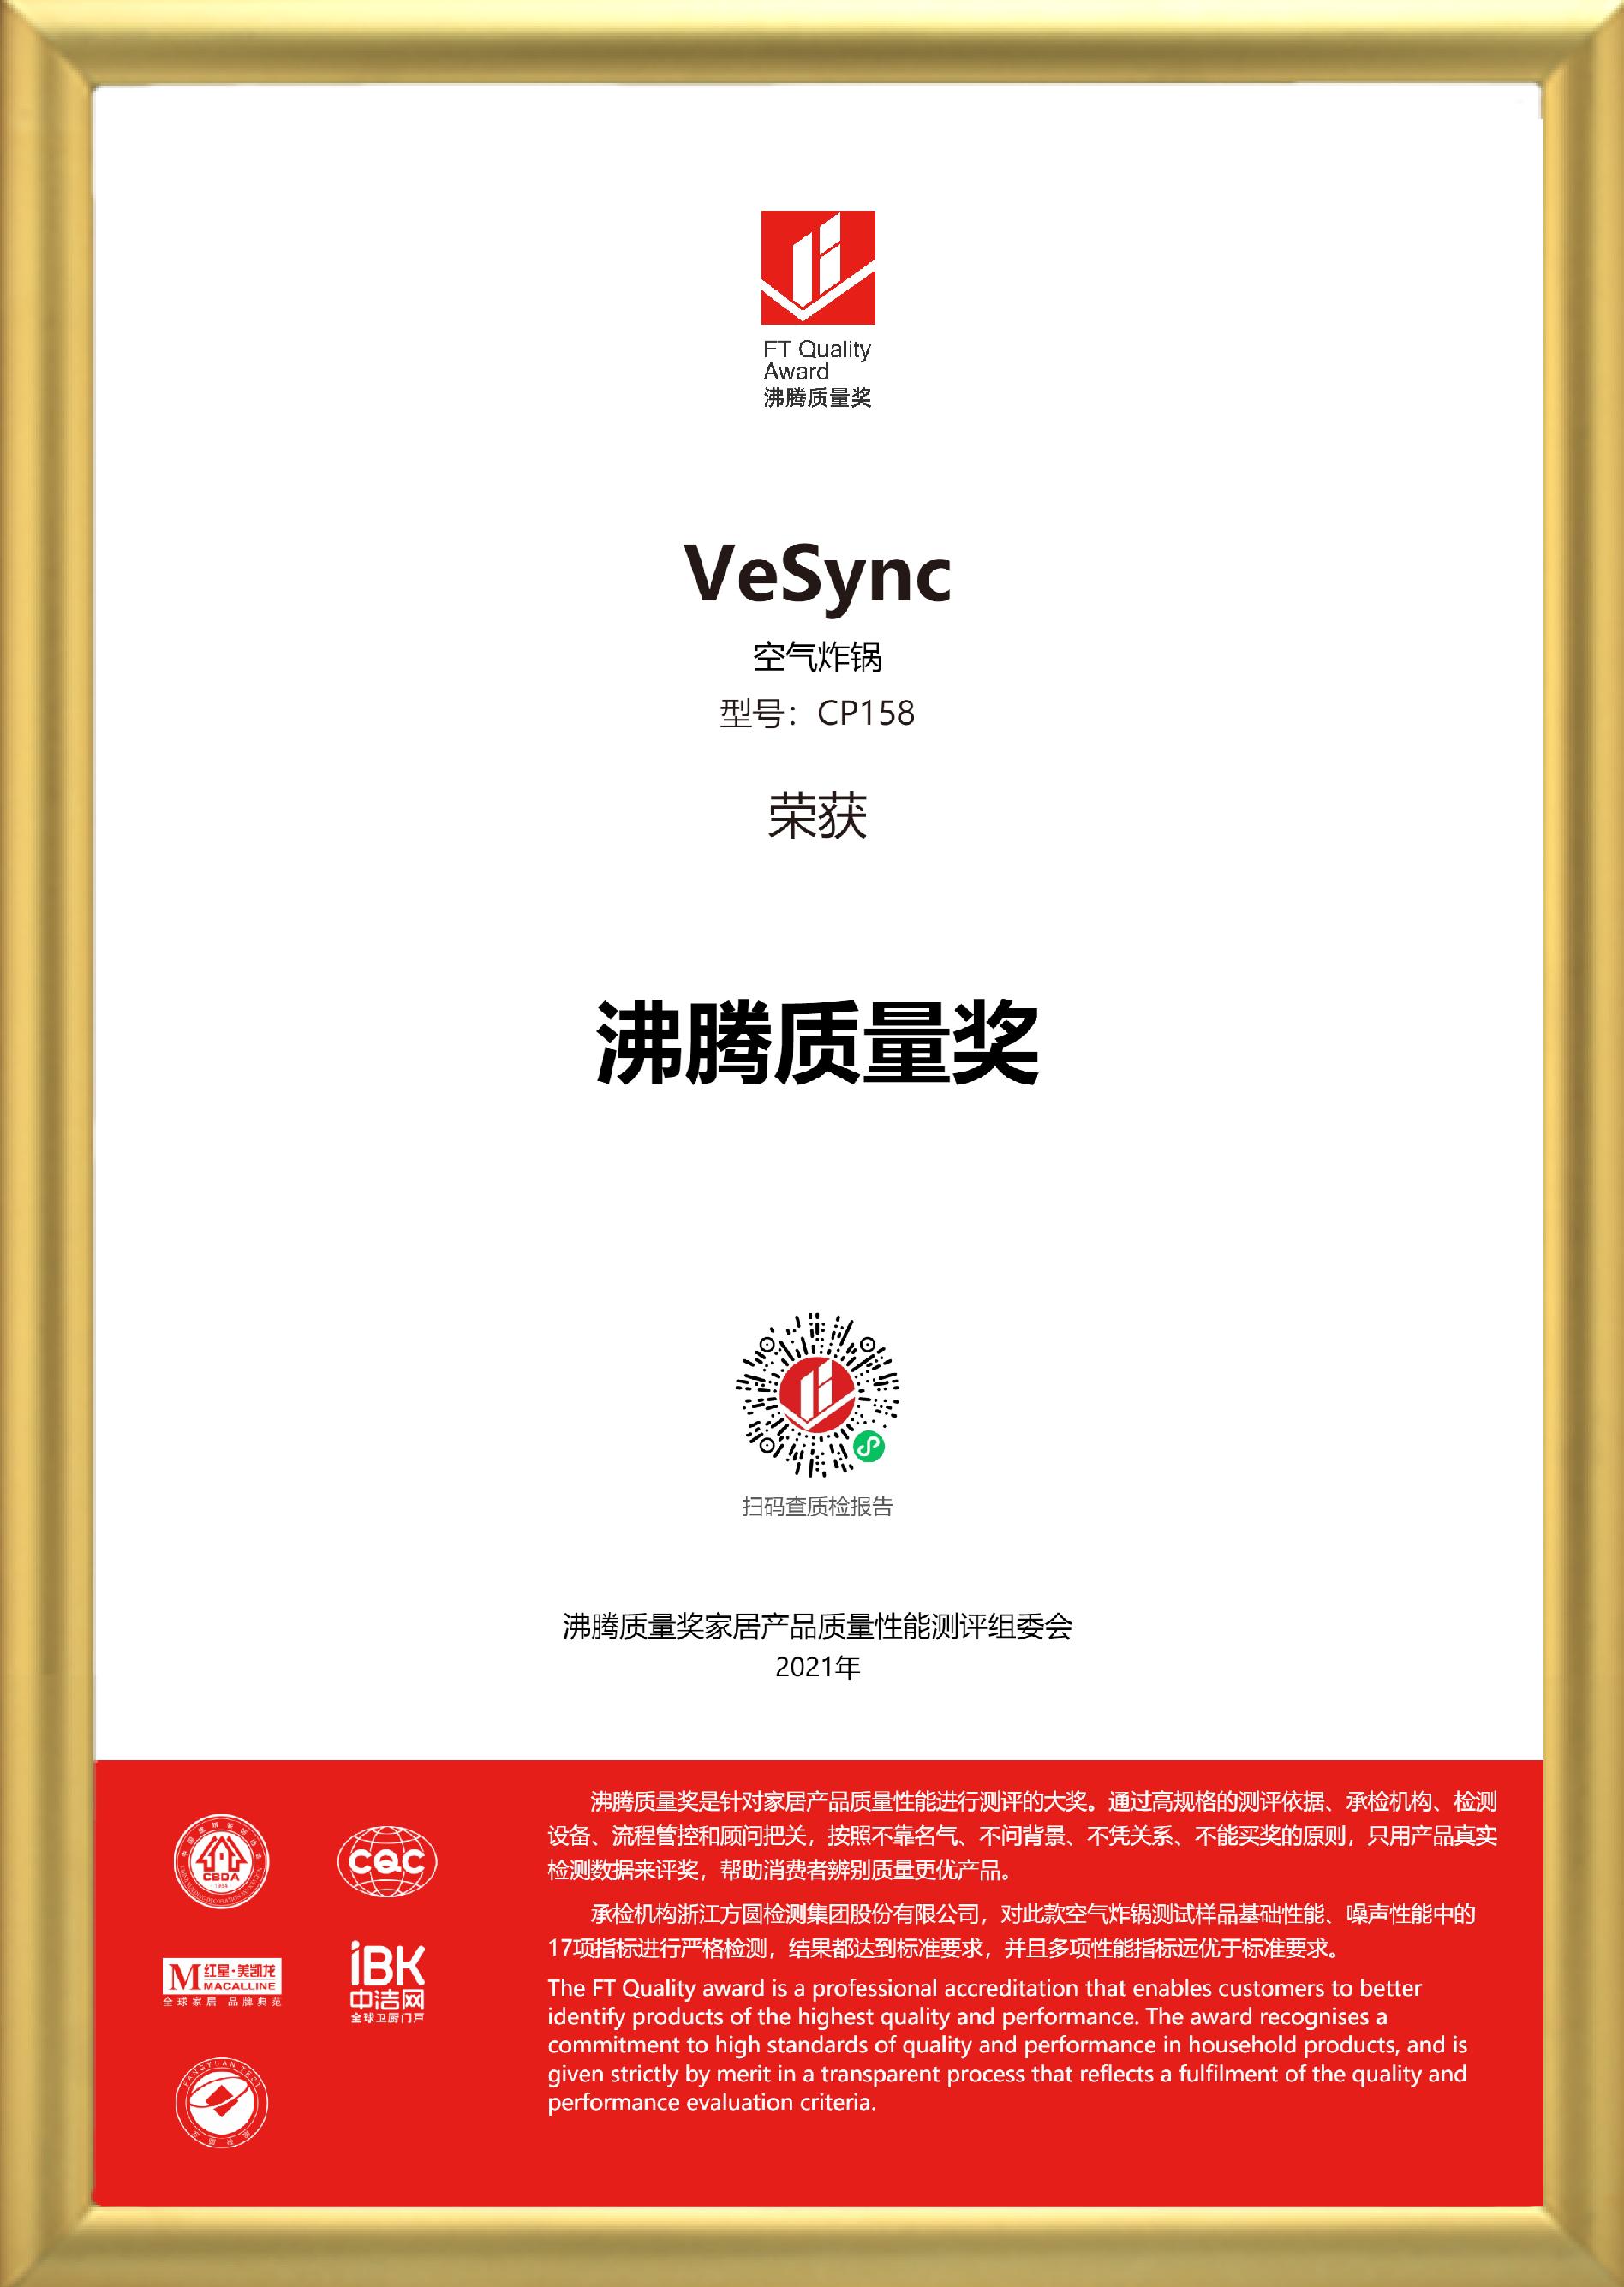 金框加持-获奖证书-VeSync(晨北科技)-空气炸锅-CP158.png